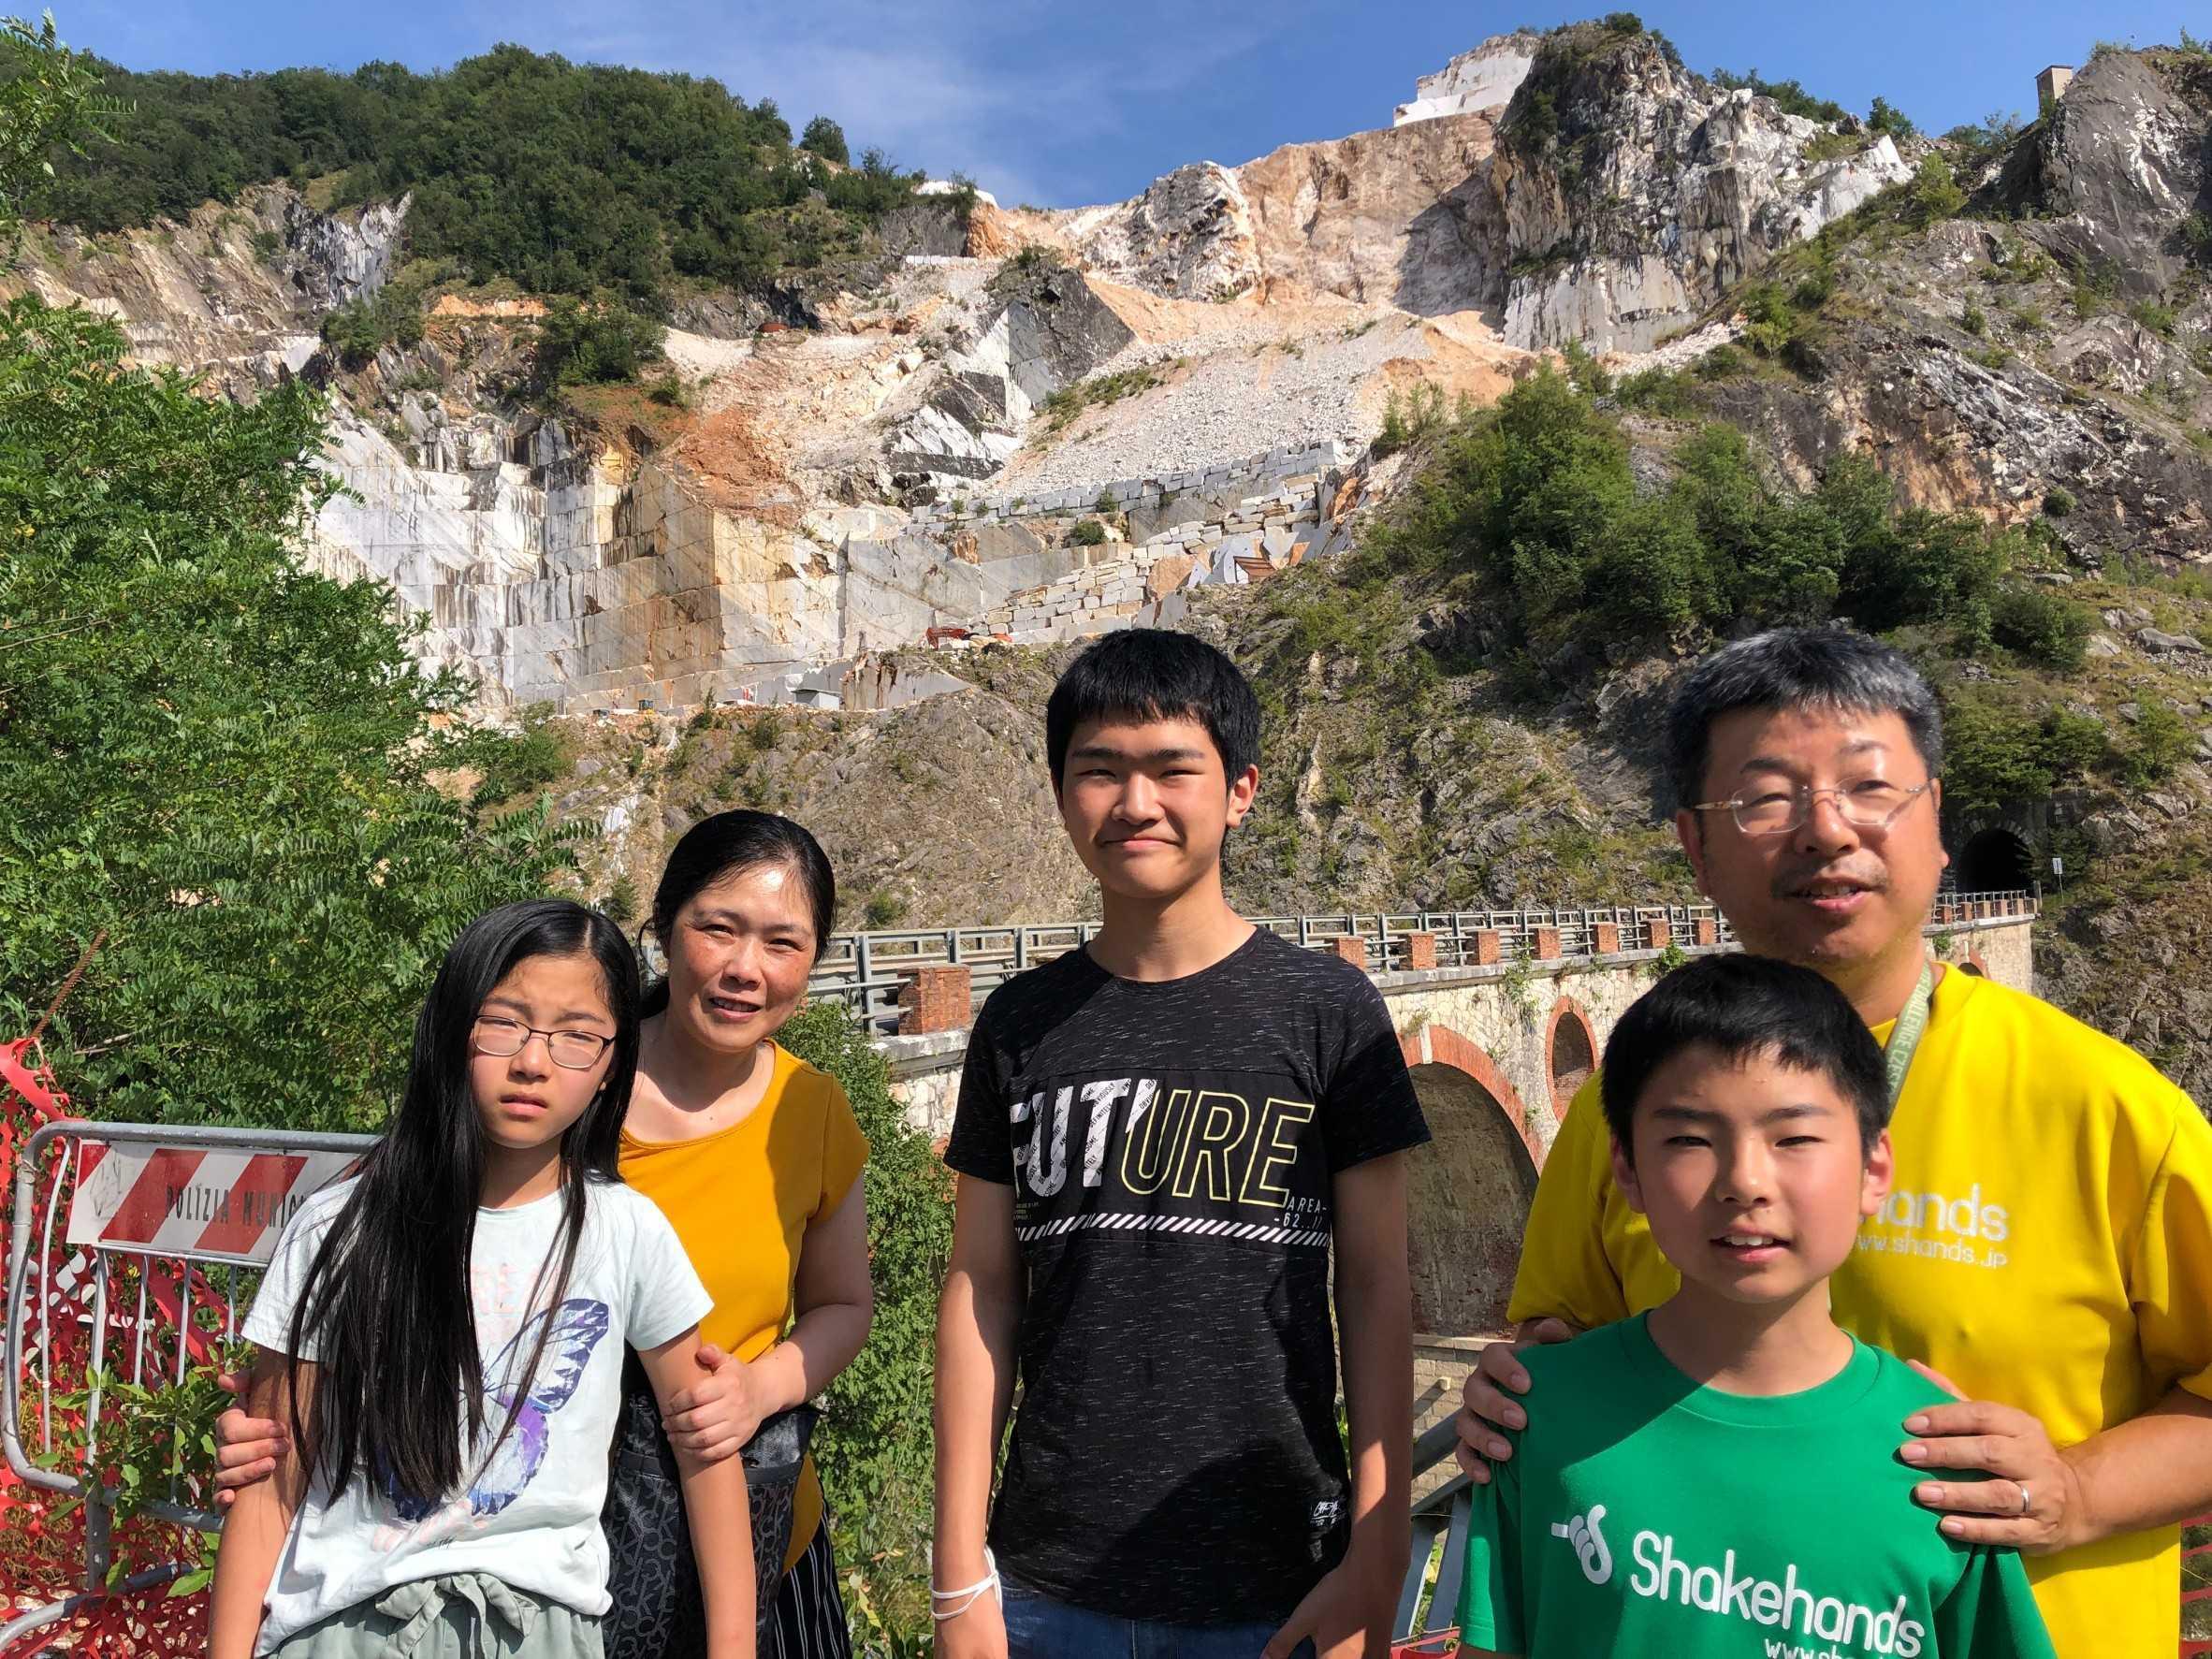 イタリアリーグ優勝のクラブCarrara(カッラーラ)は大理石採掘世界一の町!この地から東京に思いを馳せます^^